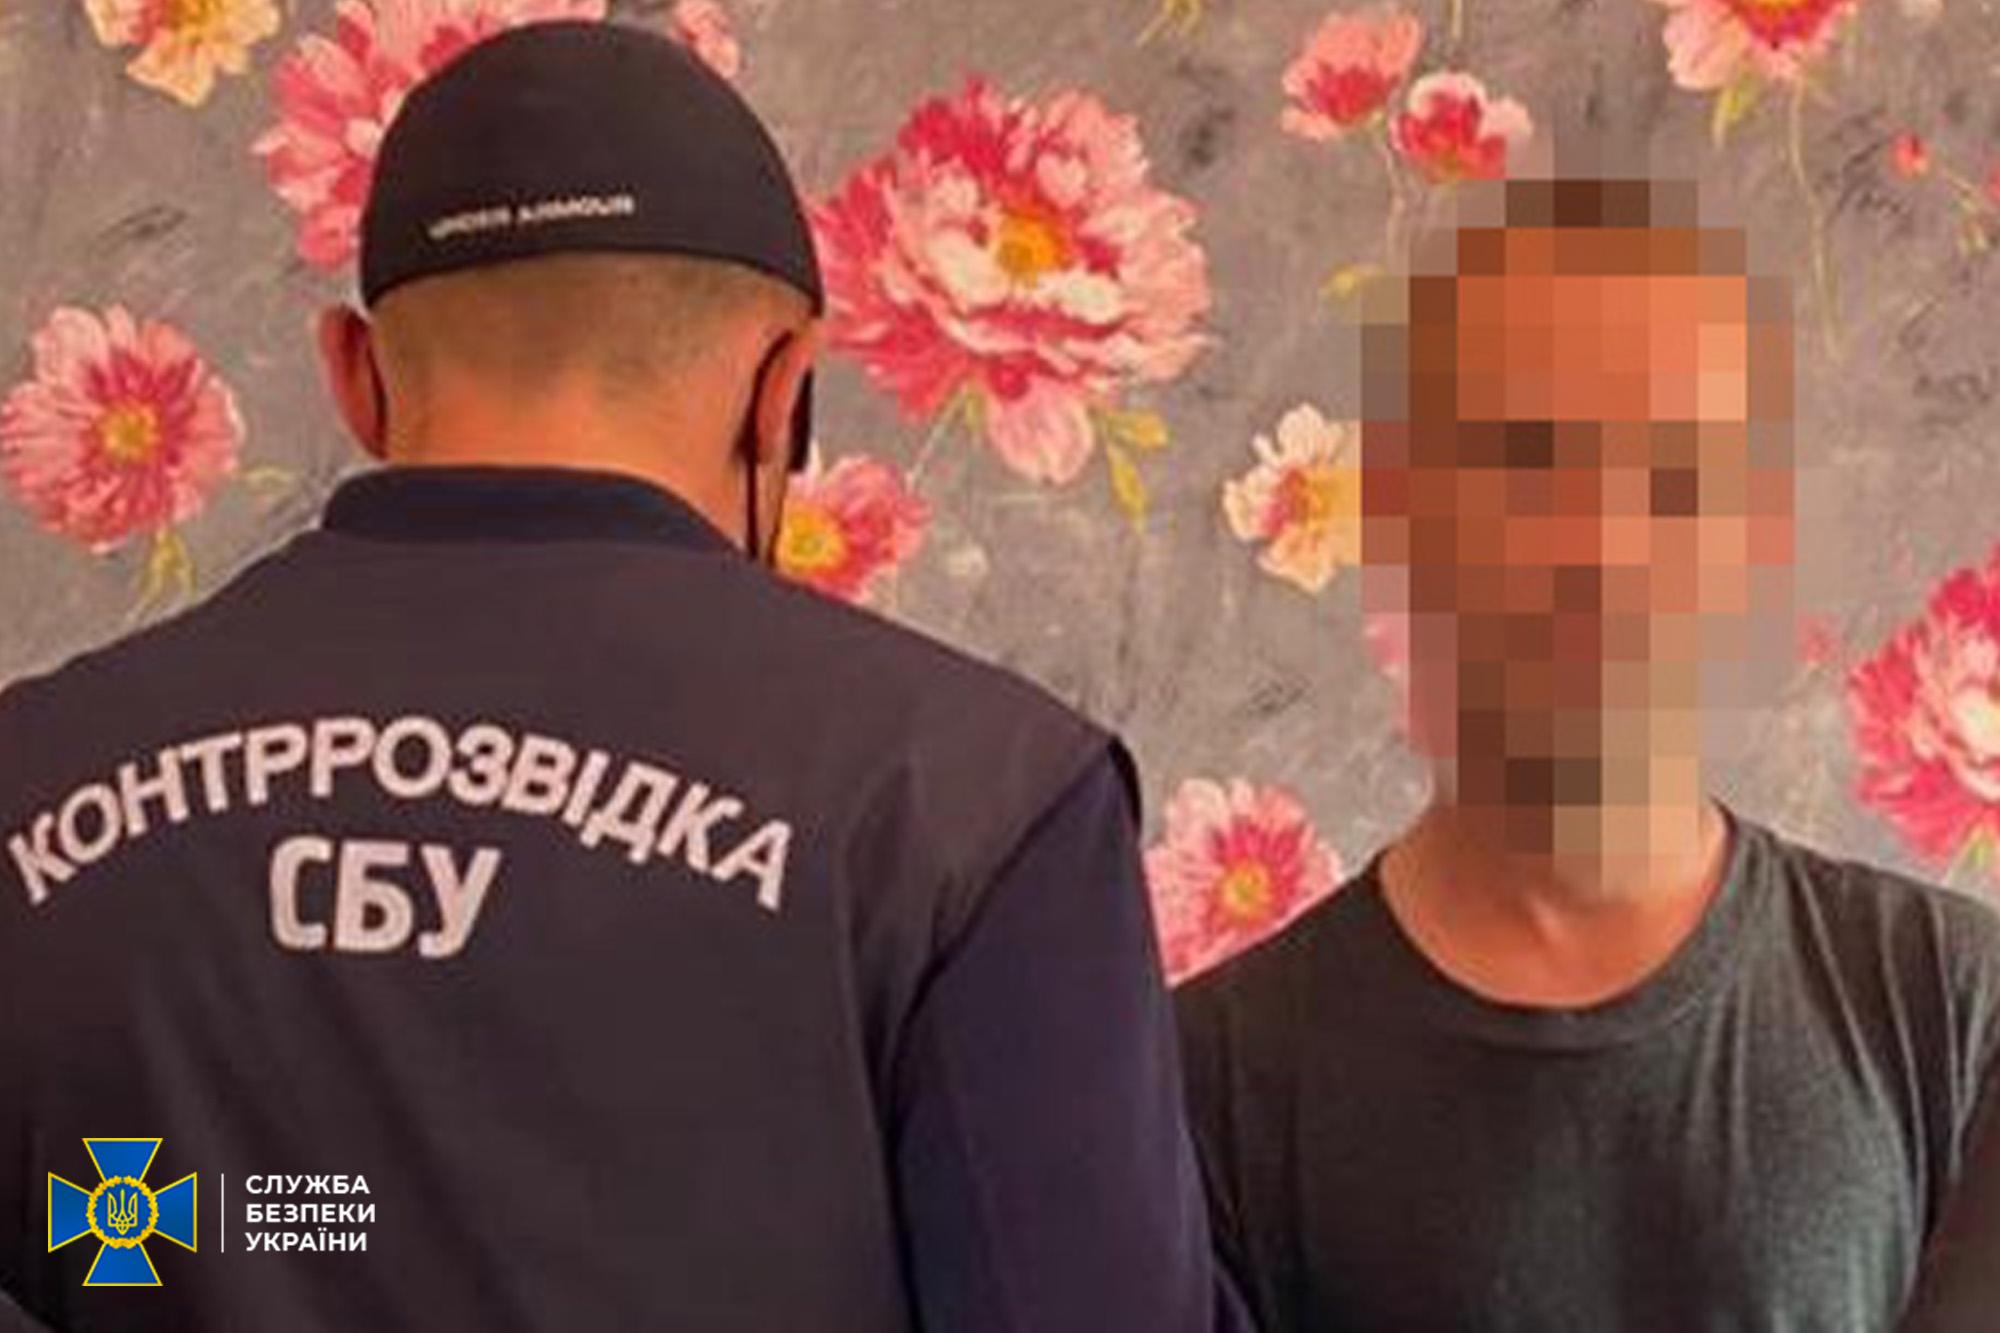 В Украине задержали молдаванина, которого ищет Интерпол - фото 1